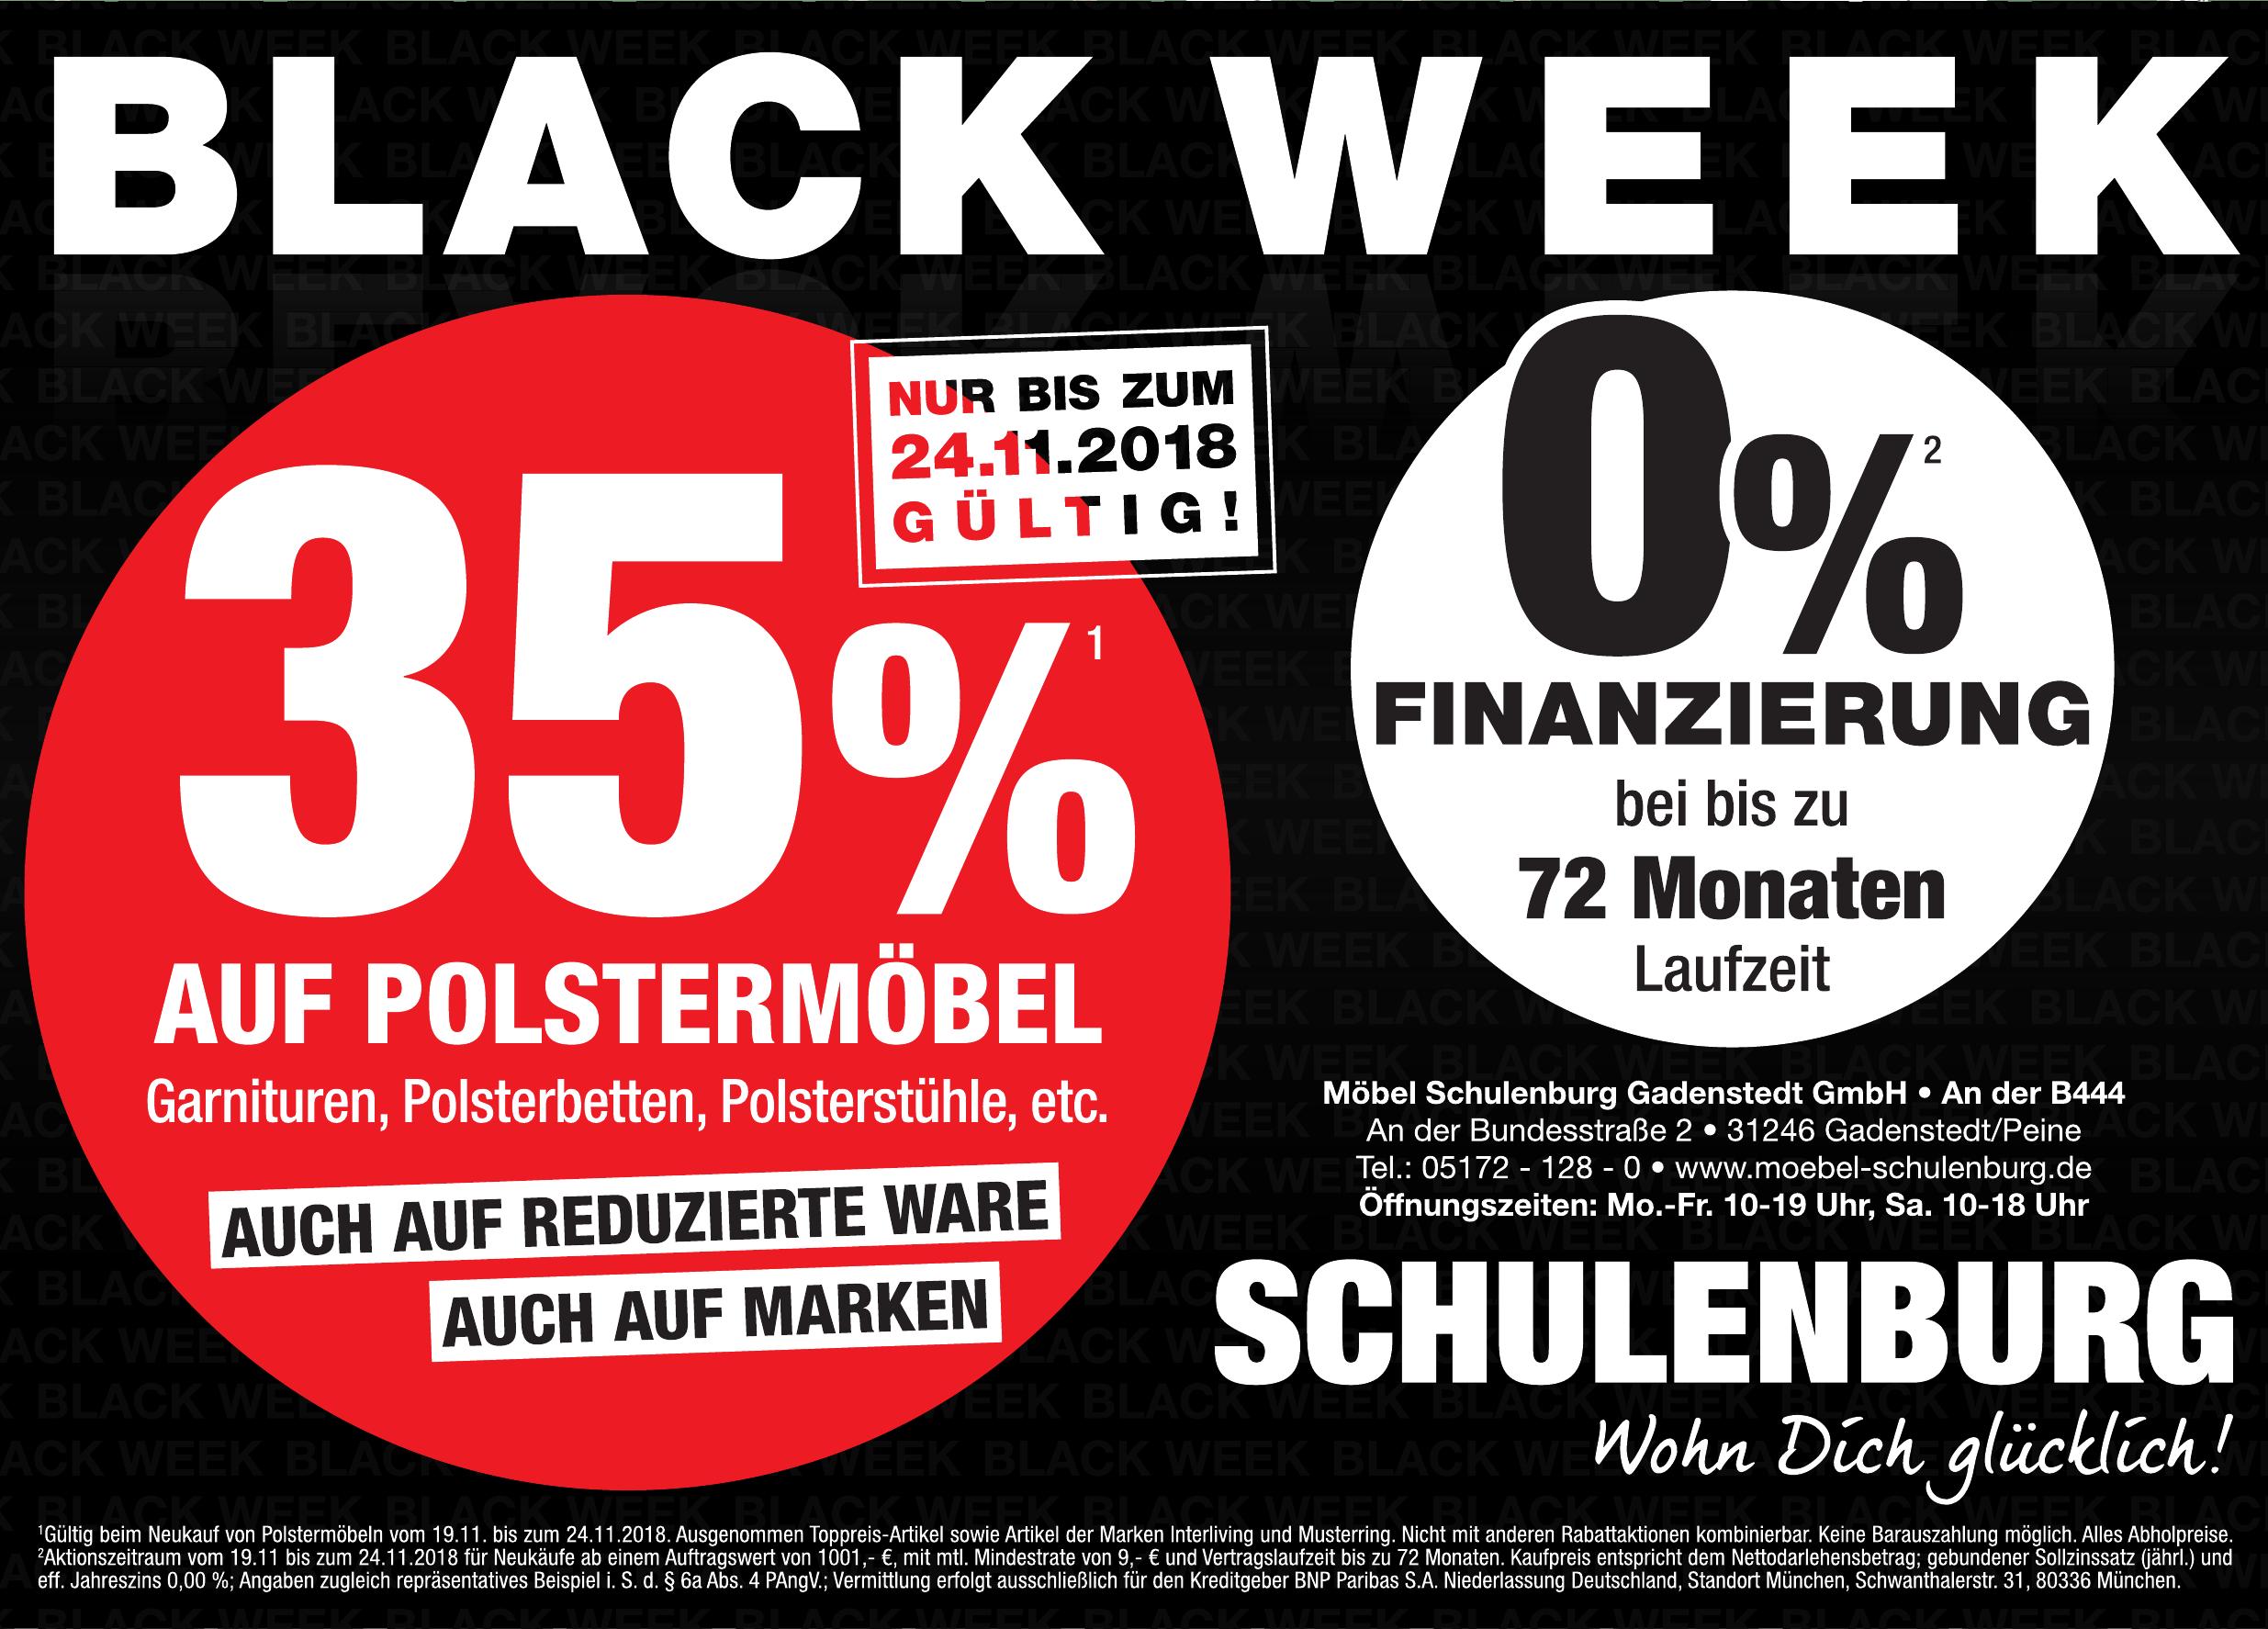 Möbel Schulenburg Gadenstedt GmbH